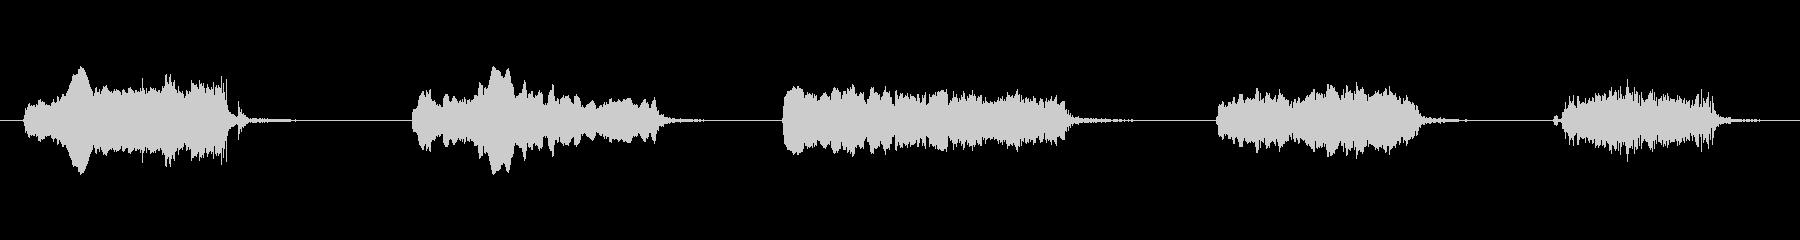 ガラス摩擦x5の未再生の波形